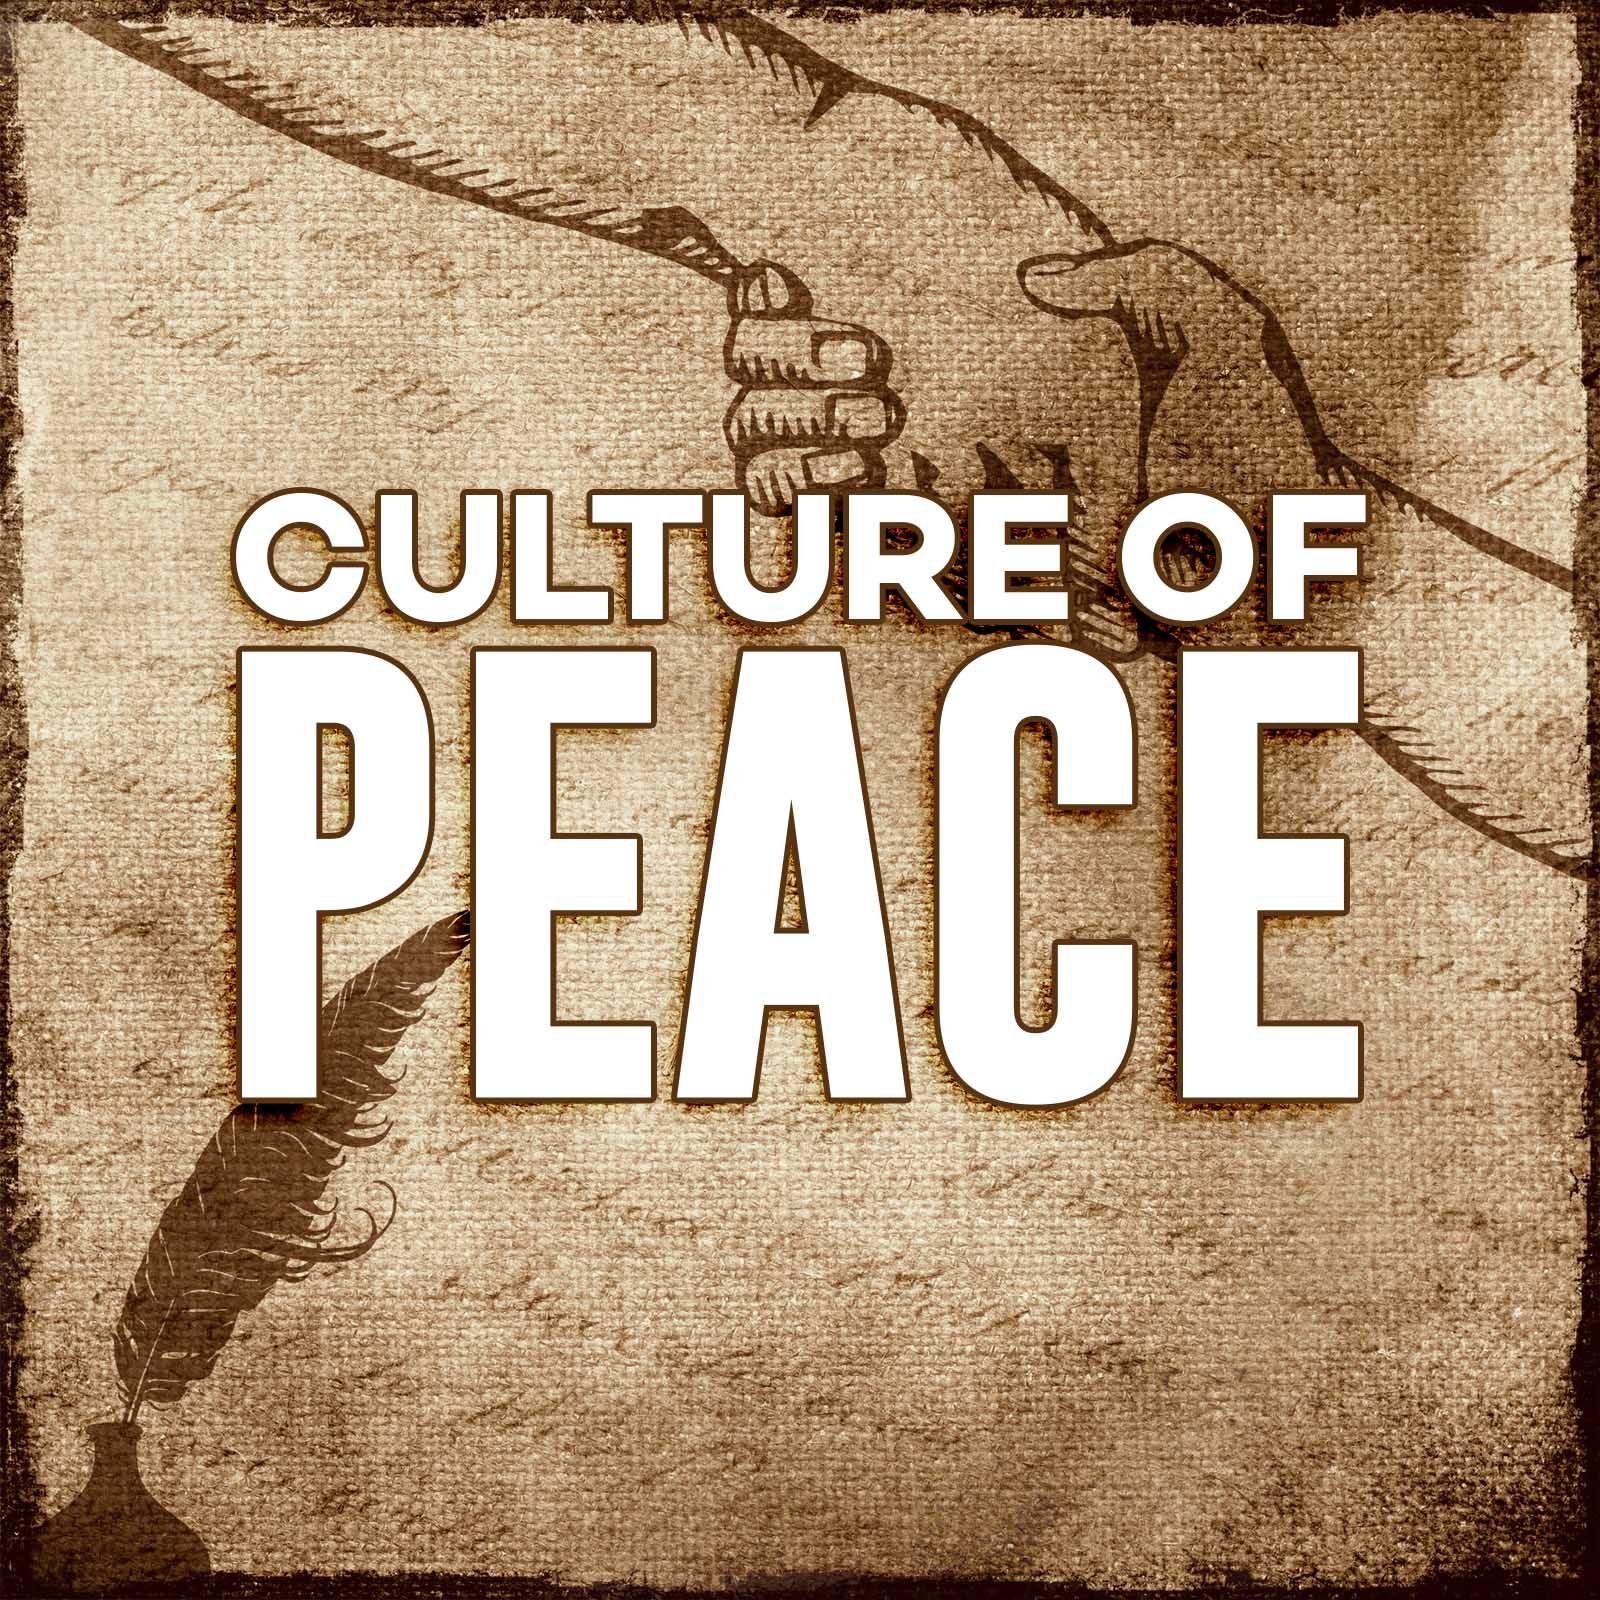 Culture of Peace